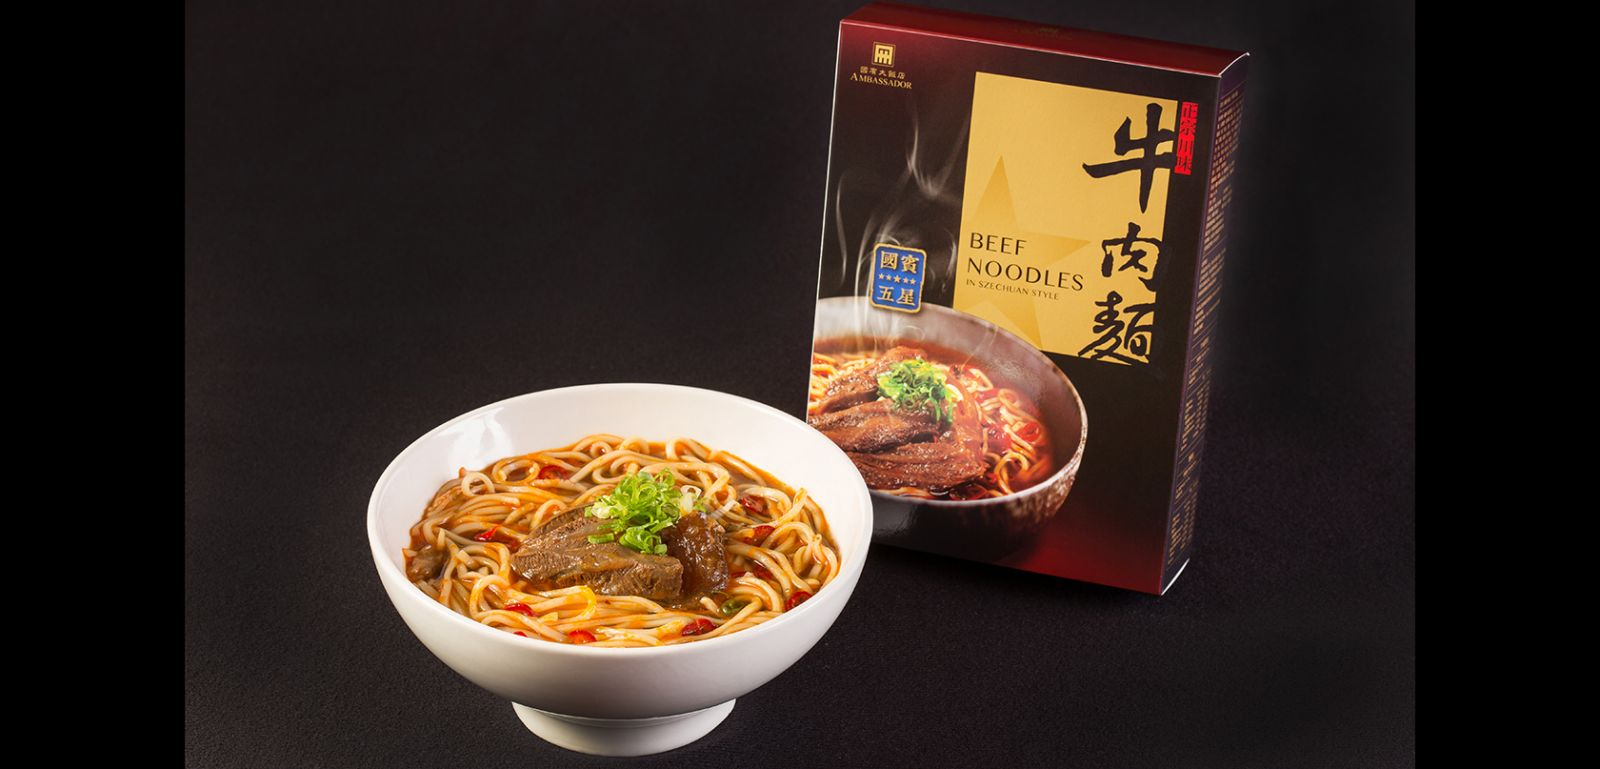 オーストラリア産牛肉を使った無添加の四川風牛肉麺